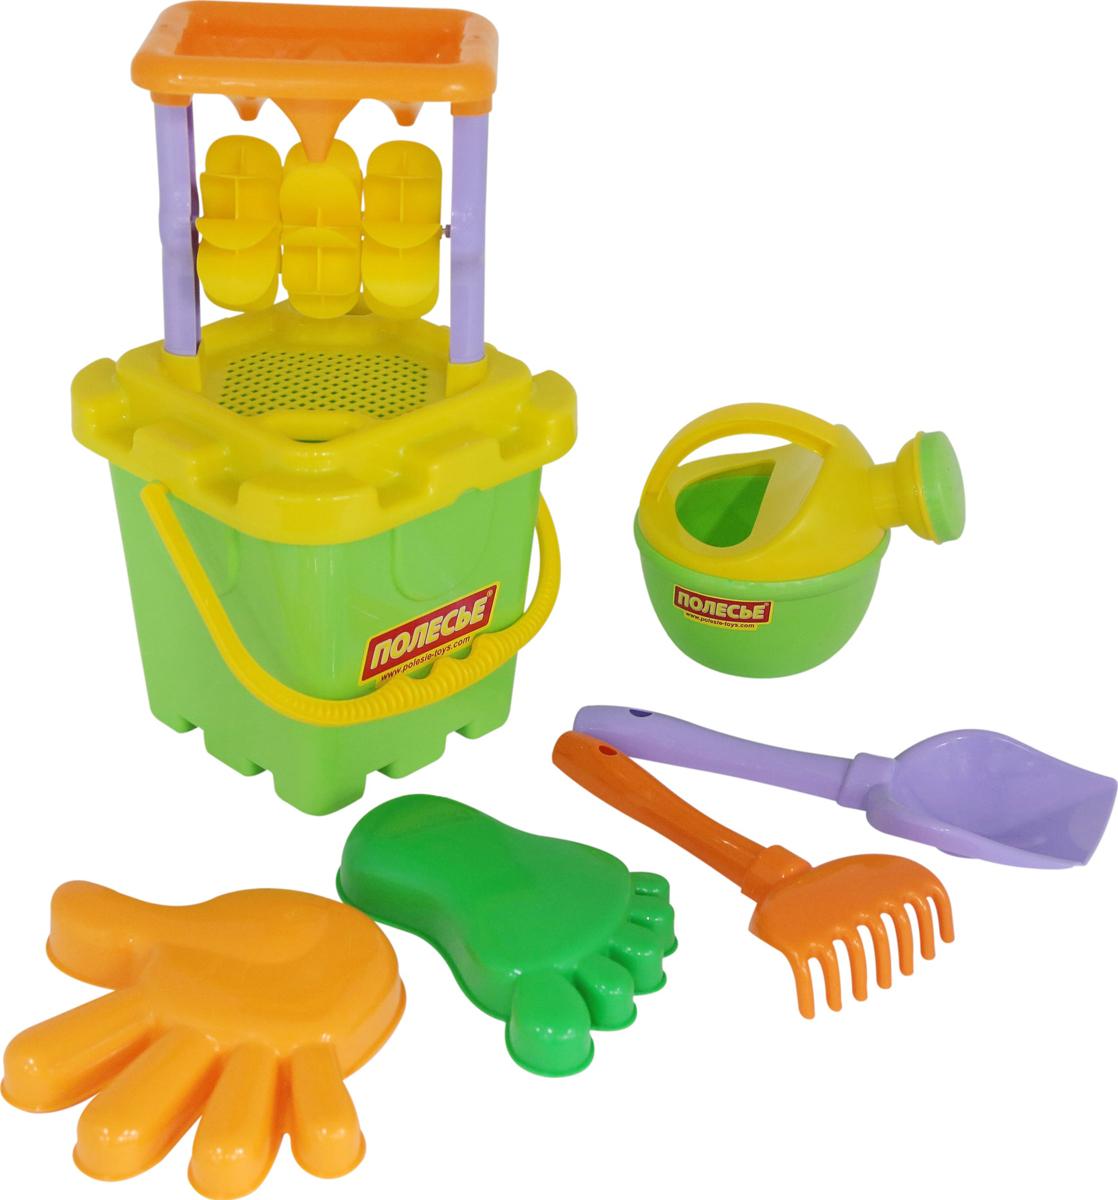 Полесье Набор игрушек для песочницы №286 полесье набор игрушек для песочницы 73